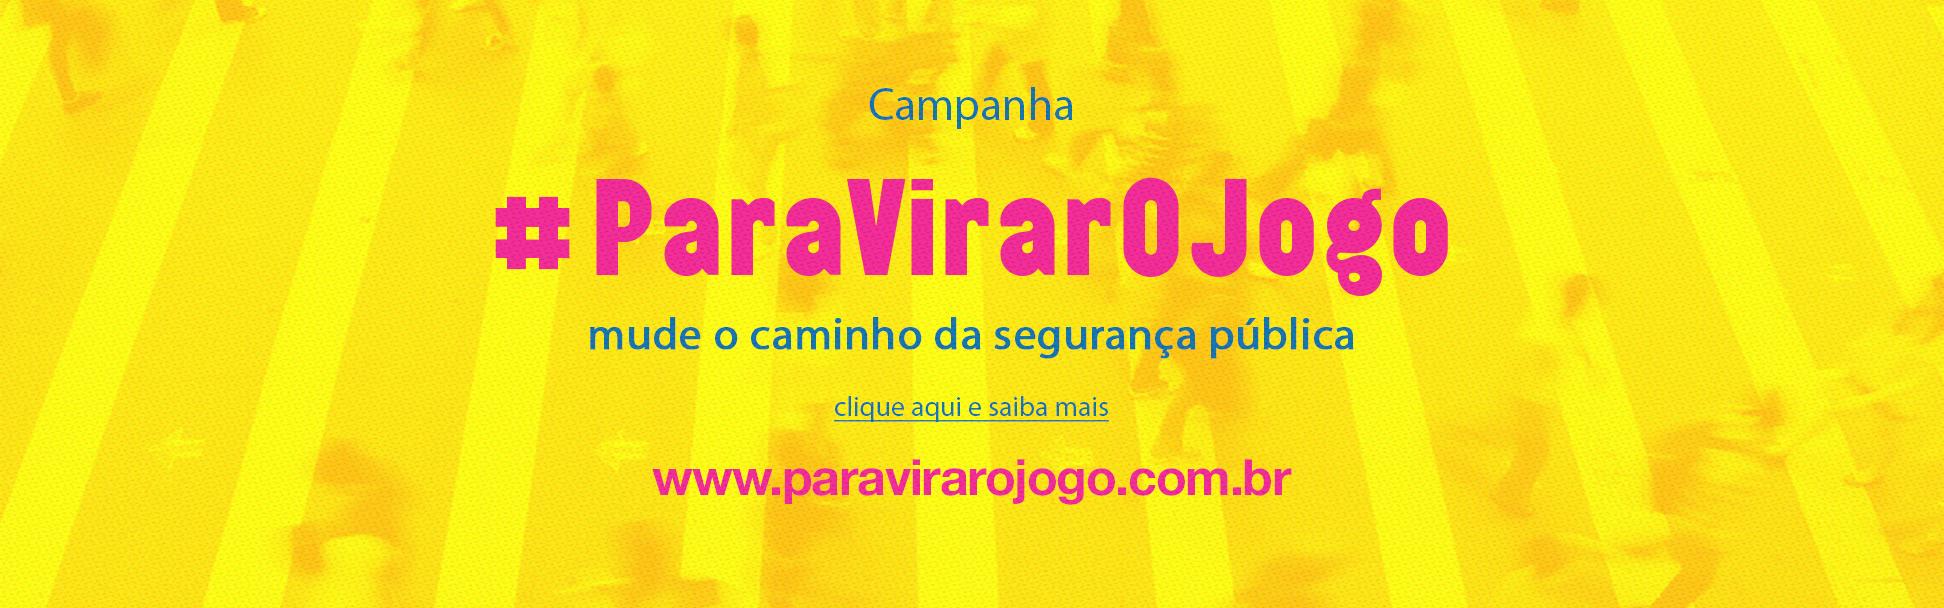 banner-campanha-virar-o-jogo-site1